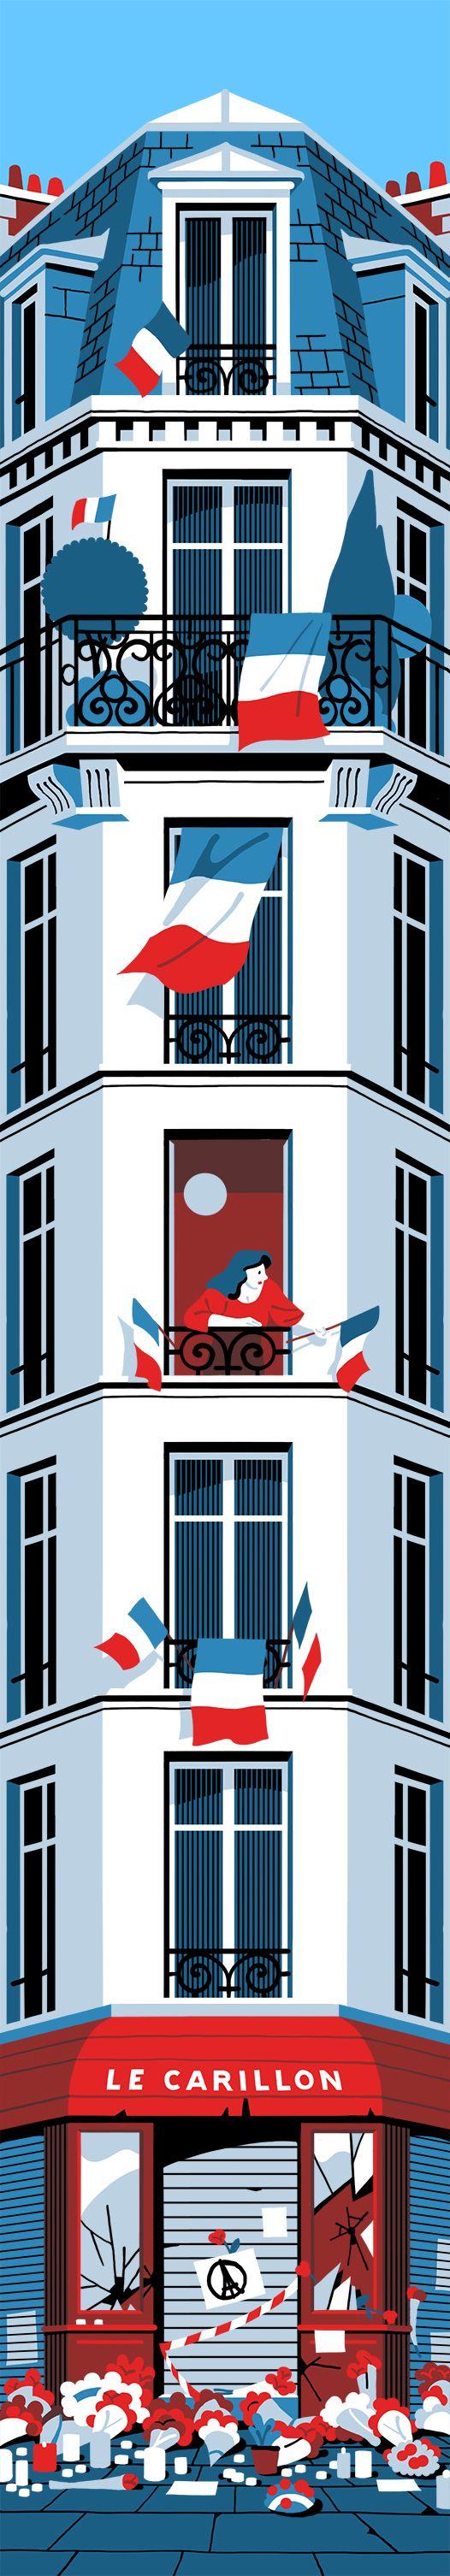 Dessin d'un Paris avec le symbole de l'envie de vivre dans l'unité nationale avec des drapeaux